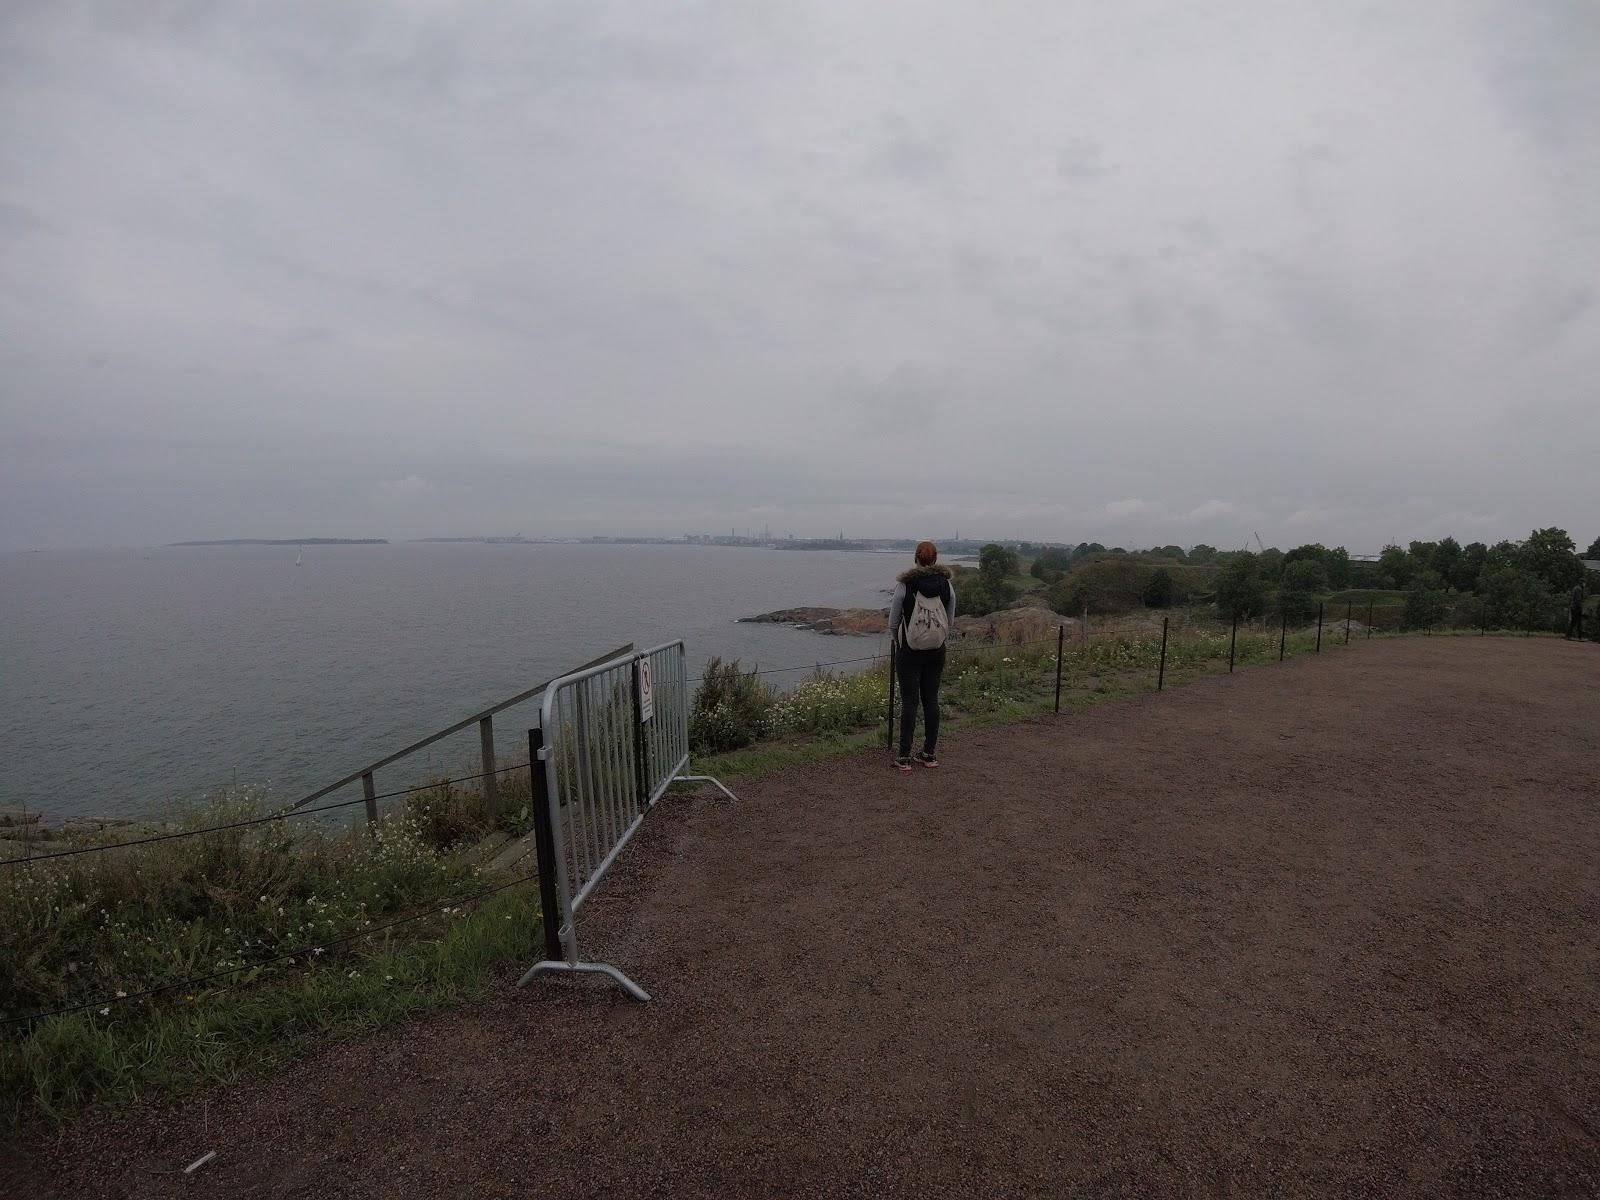 Kustaanmiekka - Suomenlinna - Helsinki